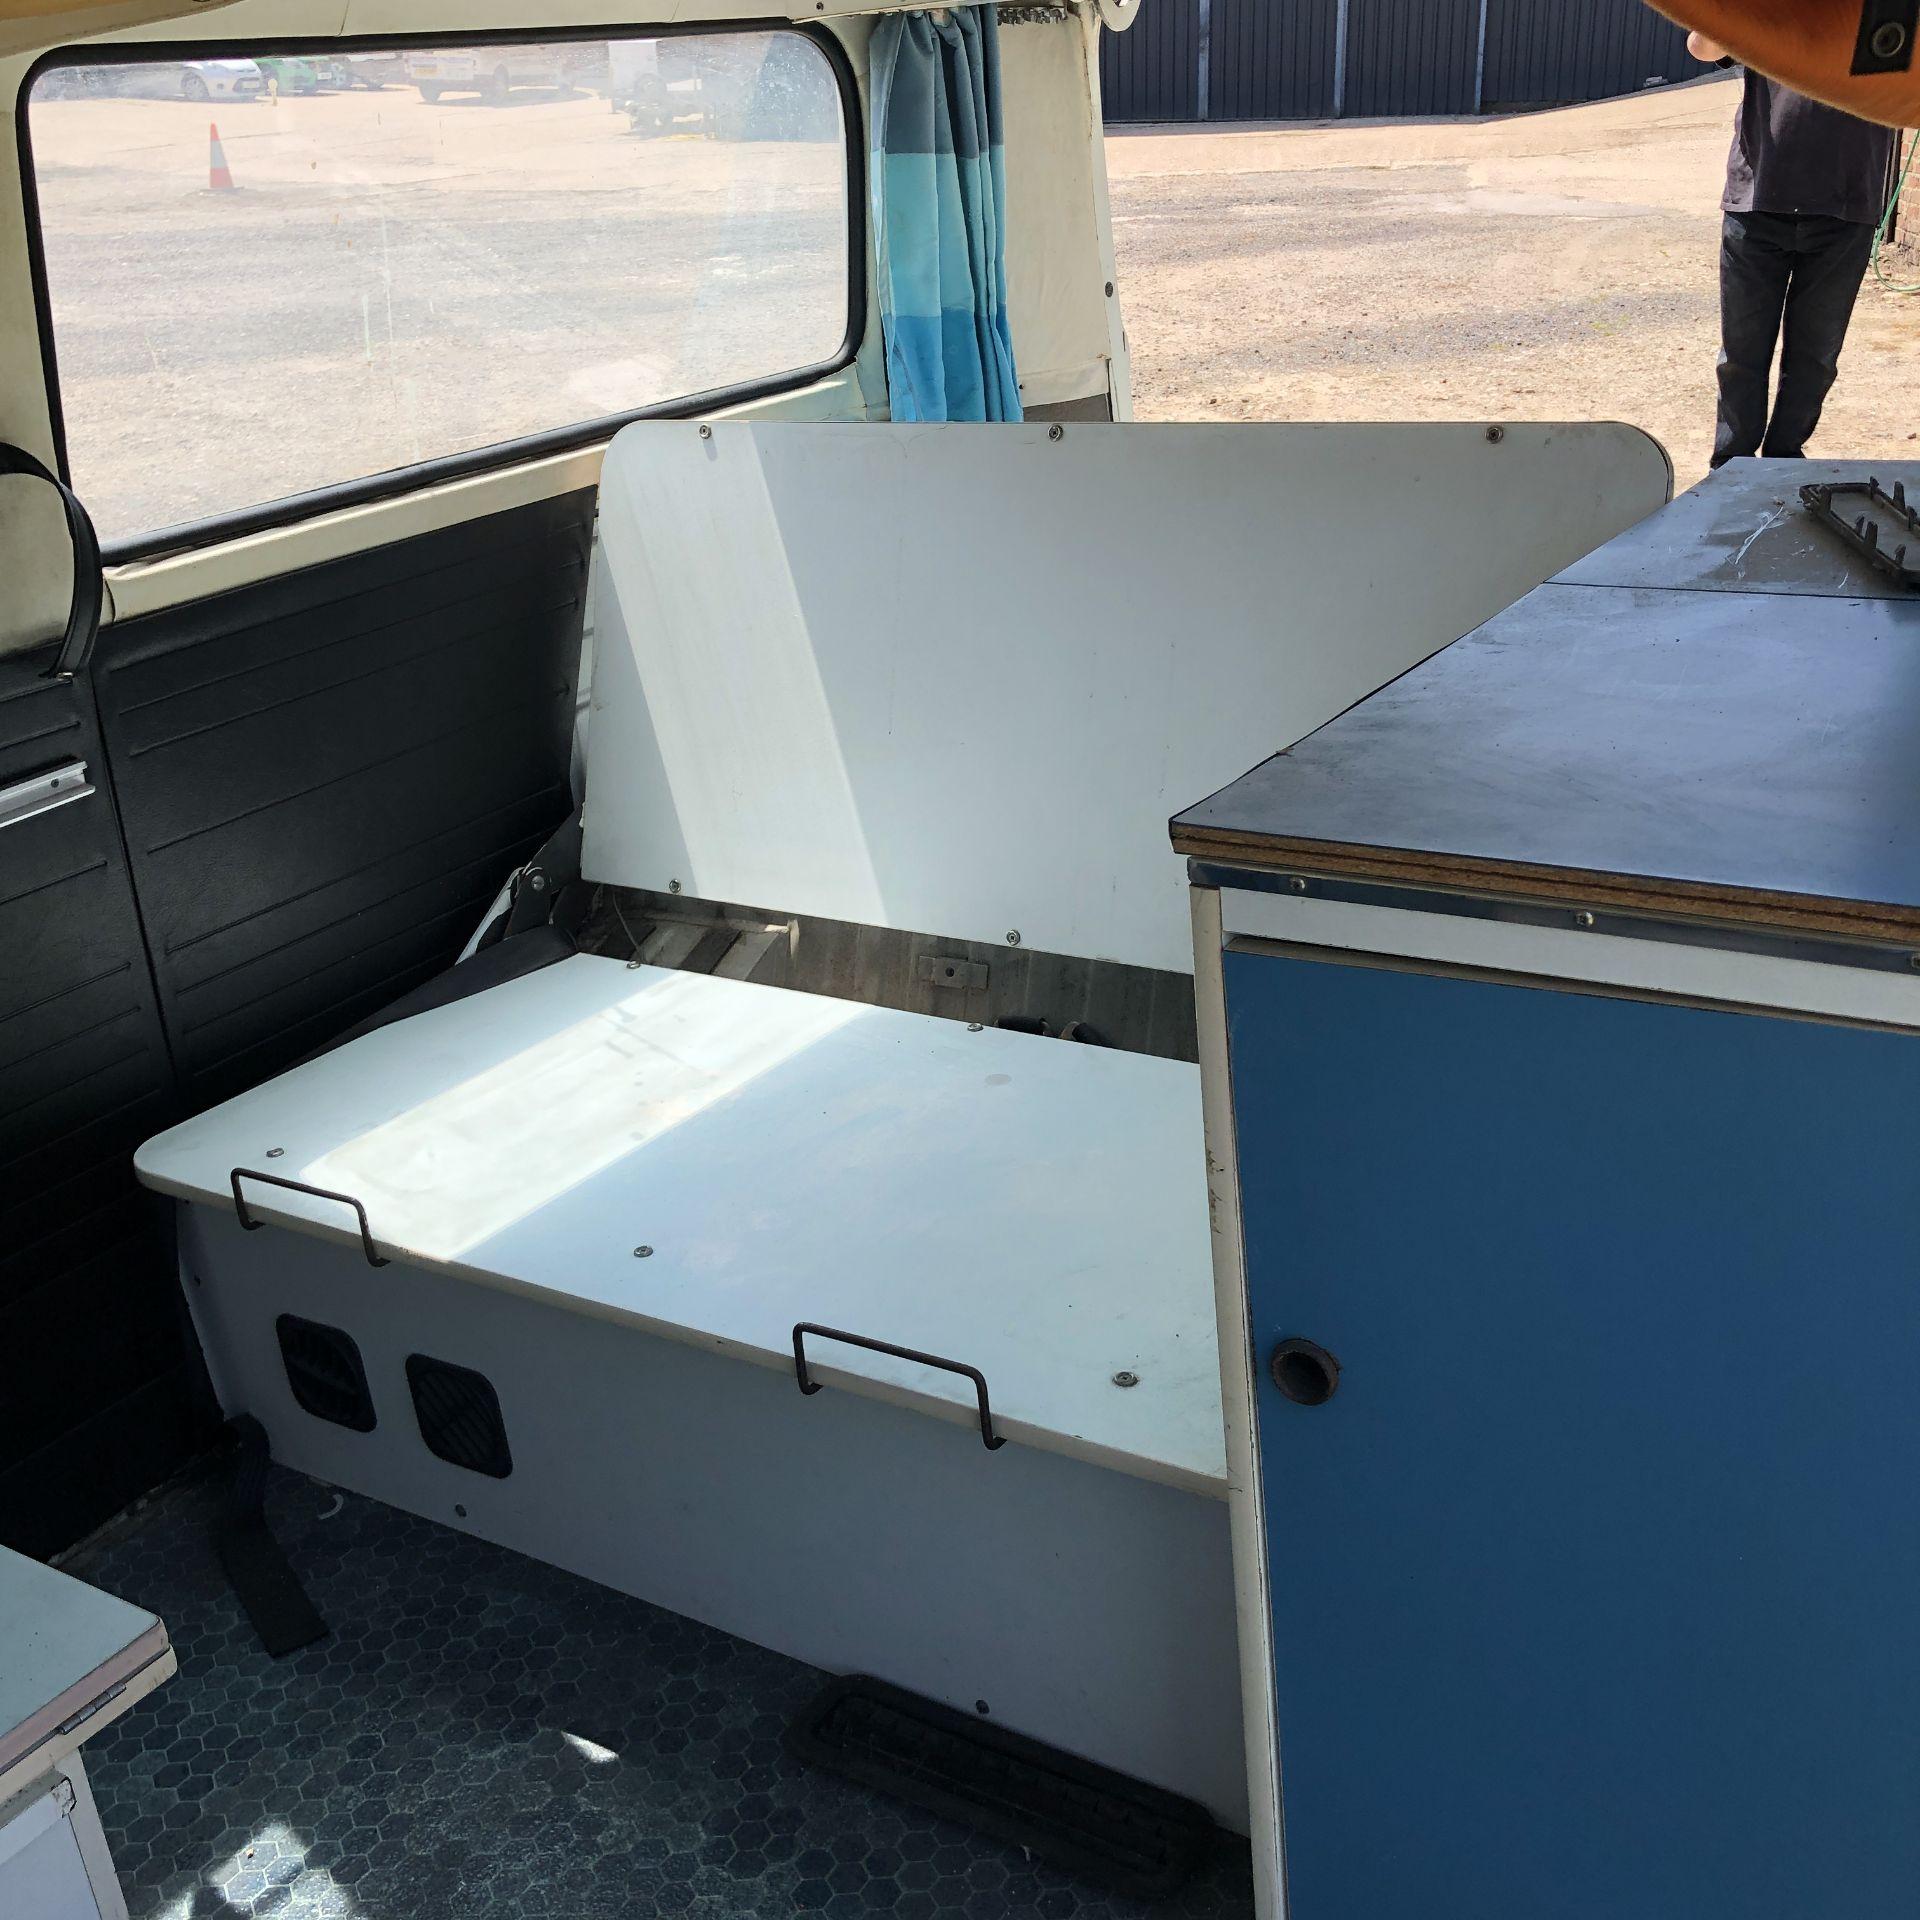 VW Microbus 8 Seater Caravanette Devon - 'Mr Blue' Petrol, Registration UMH 420S, First Registered - Image 24 of 47